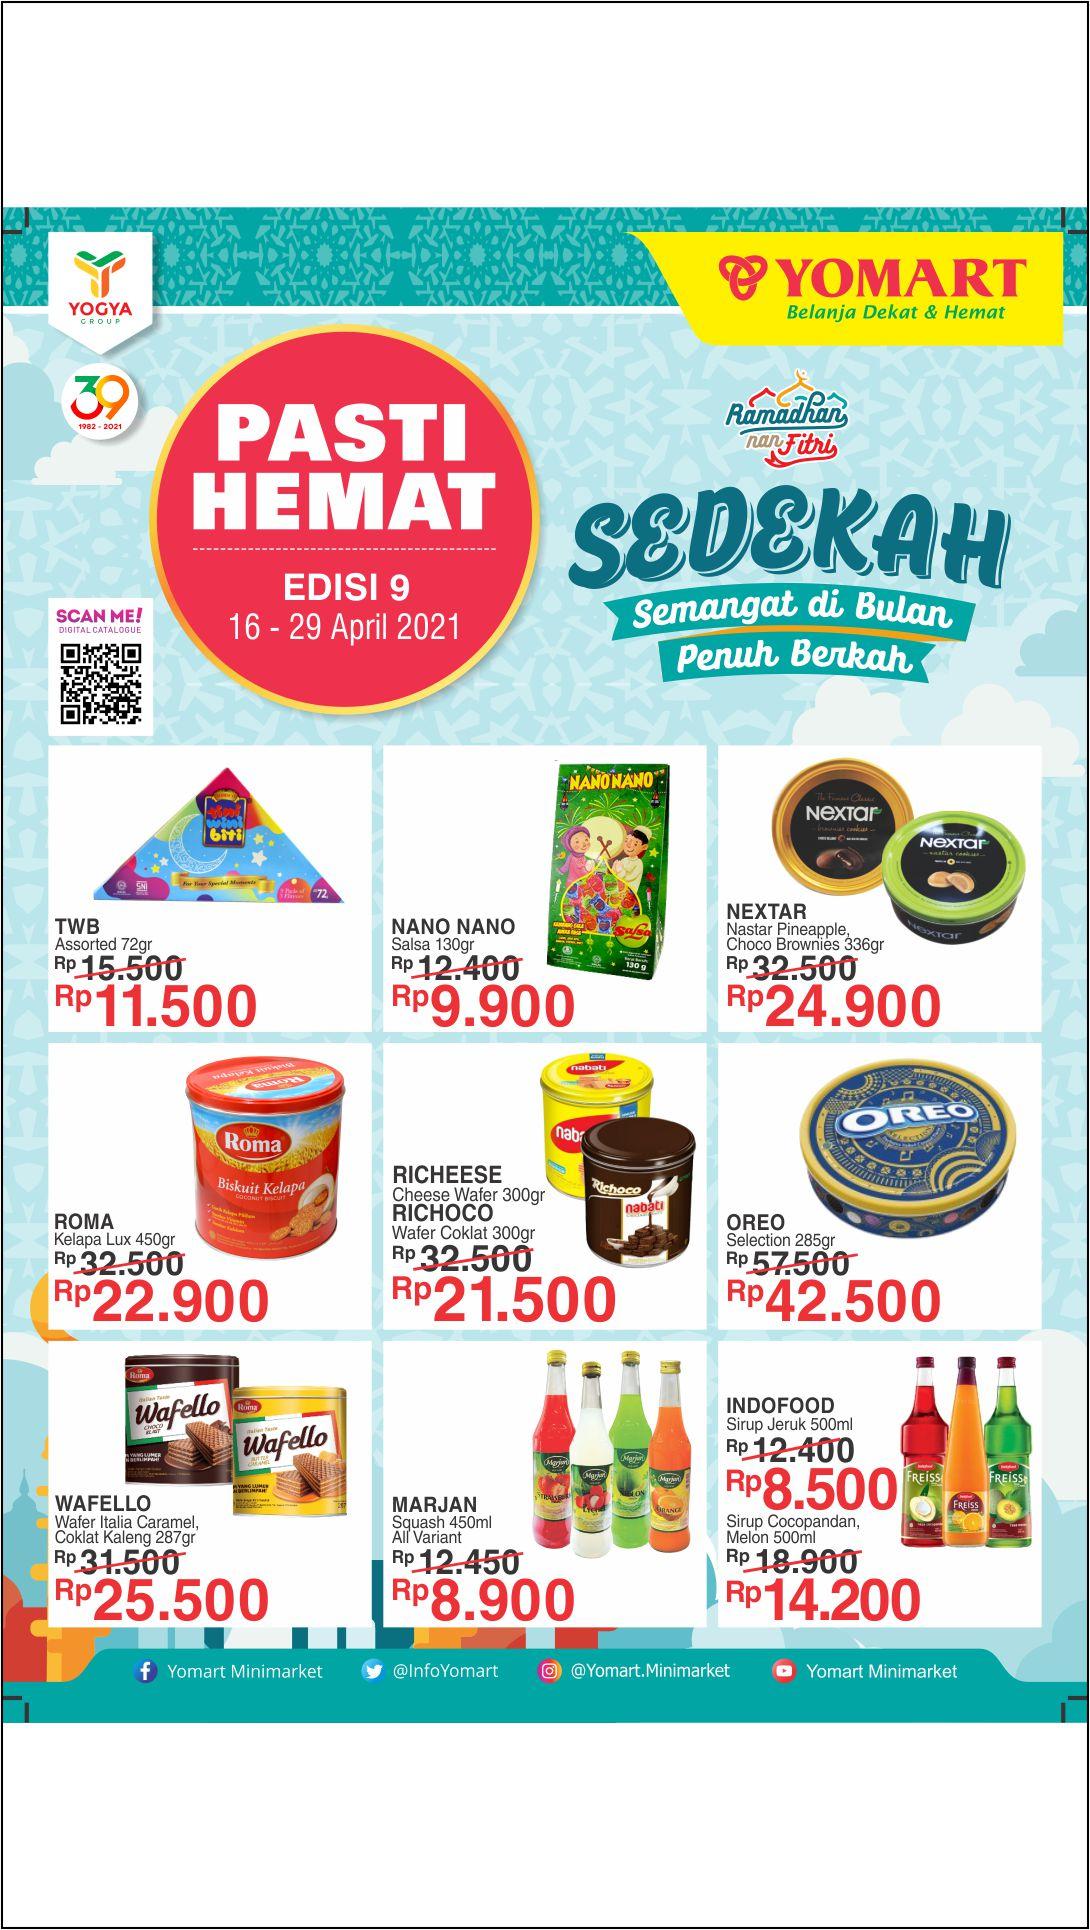 Katalog Yomart Minimarket Promo Mingguan periode 16-29 April 2021